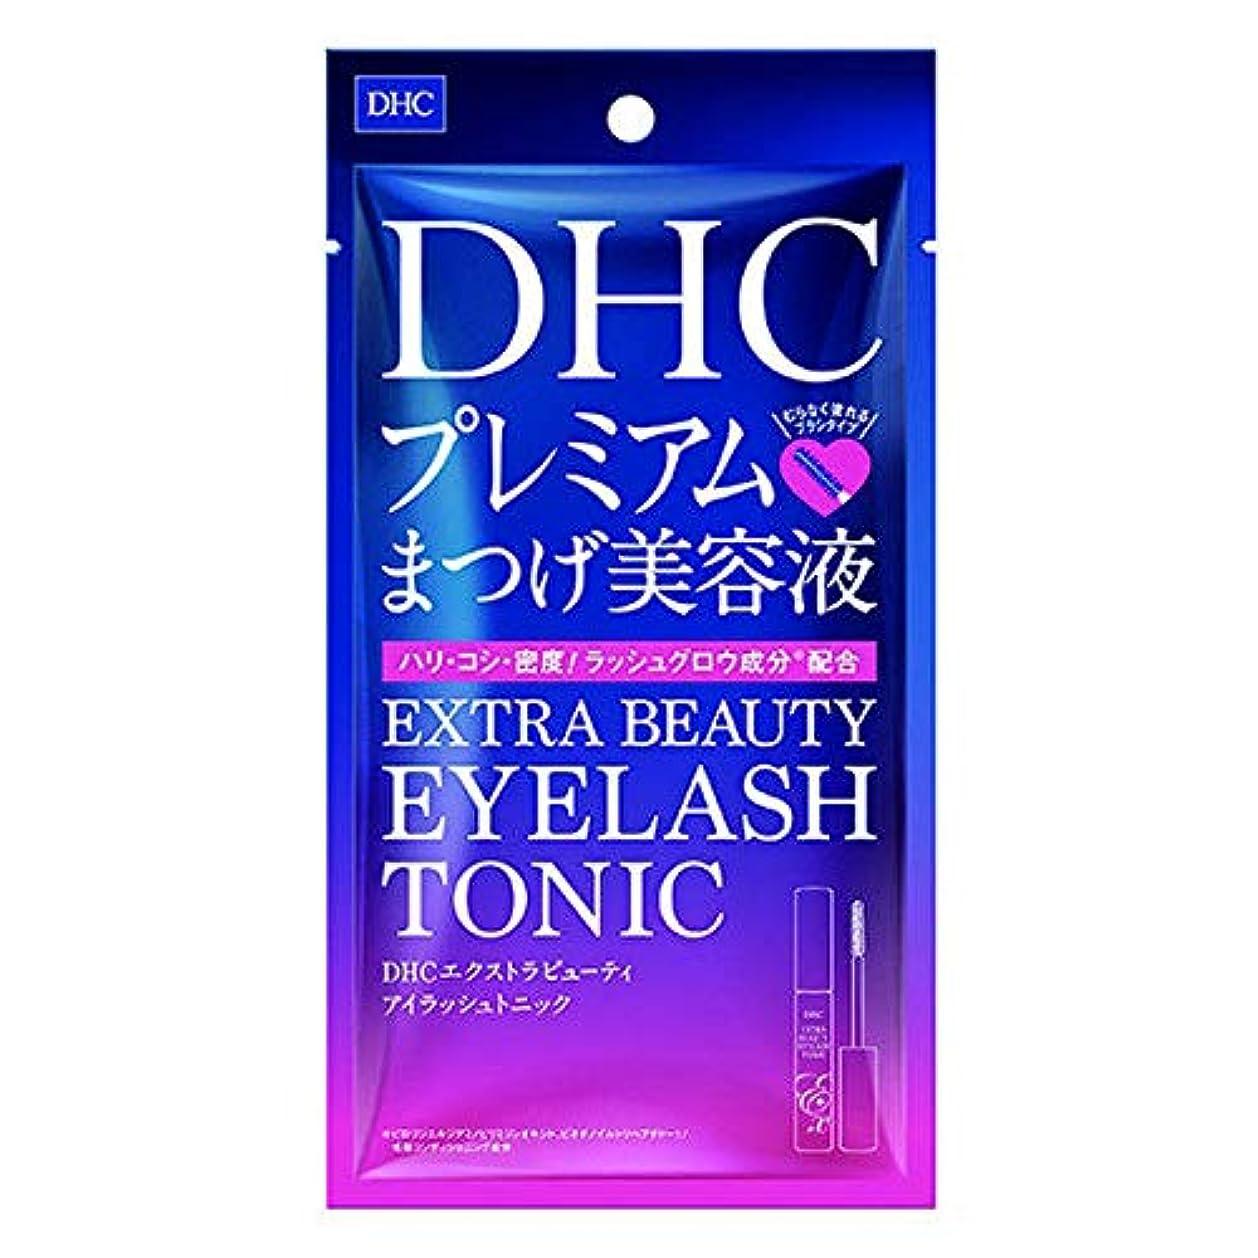 スペル階下認可DHC エクストラビューティアイラッシュトニック 6.5ml プレミアムまつげ美容液